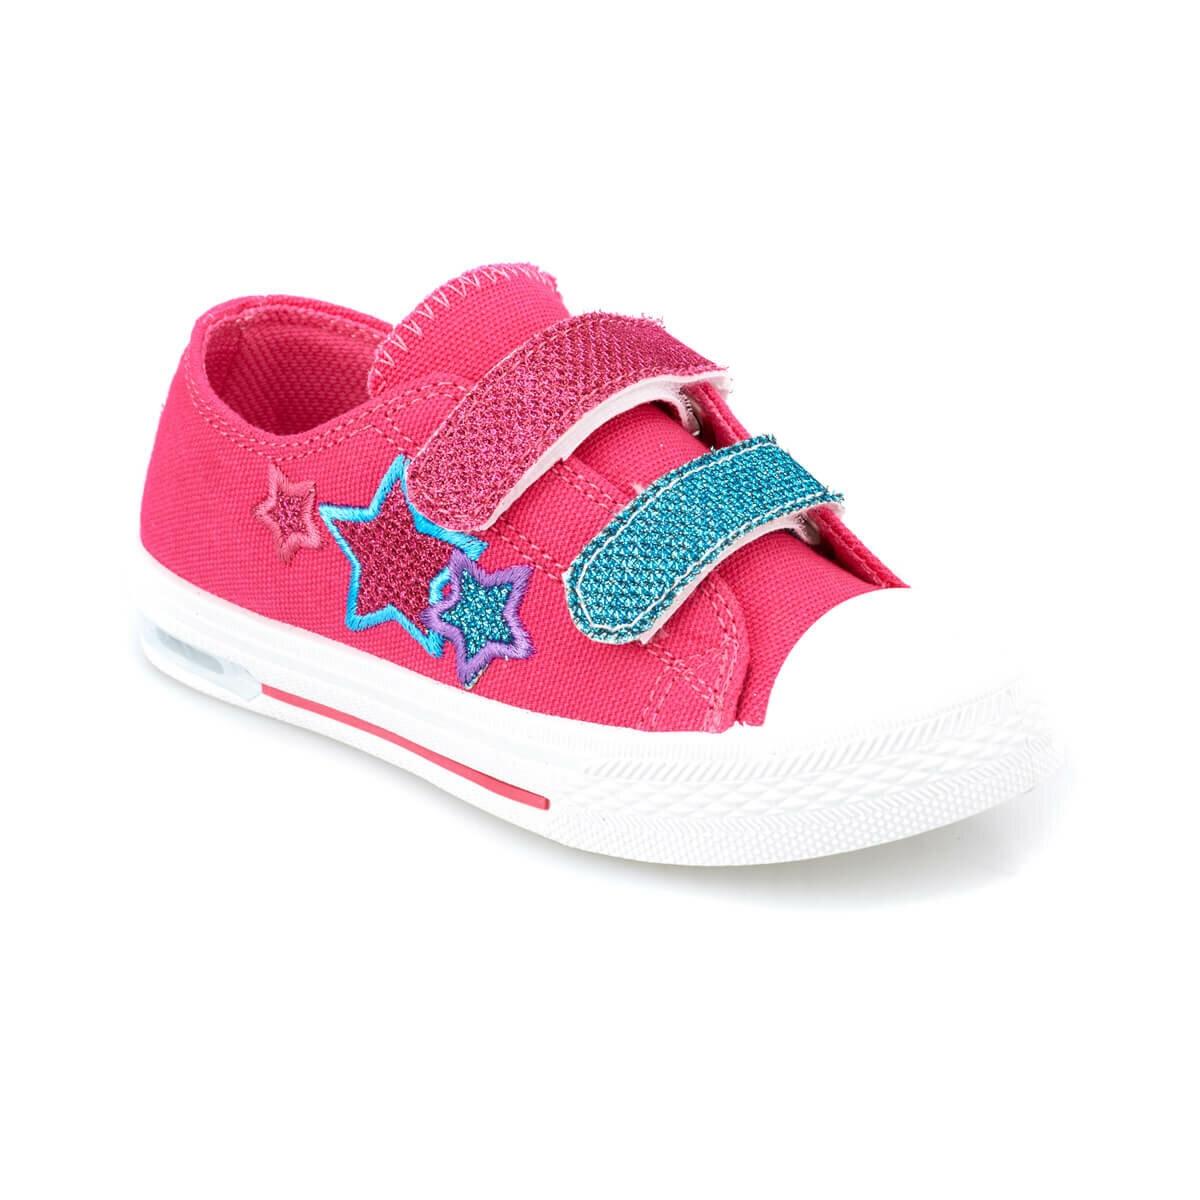 FLO DERY Neon Pink Female Child Sneaker Shoes KINETIX